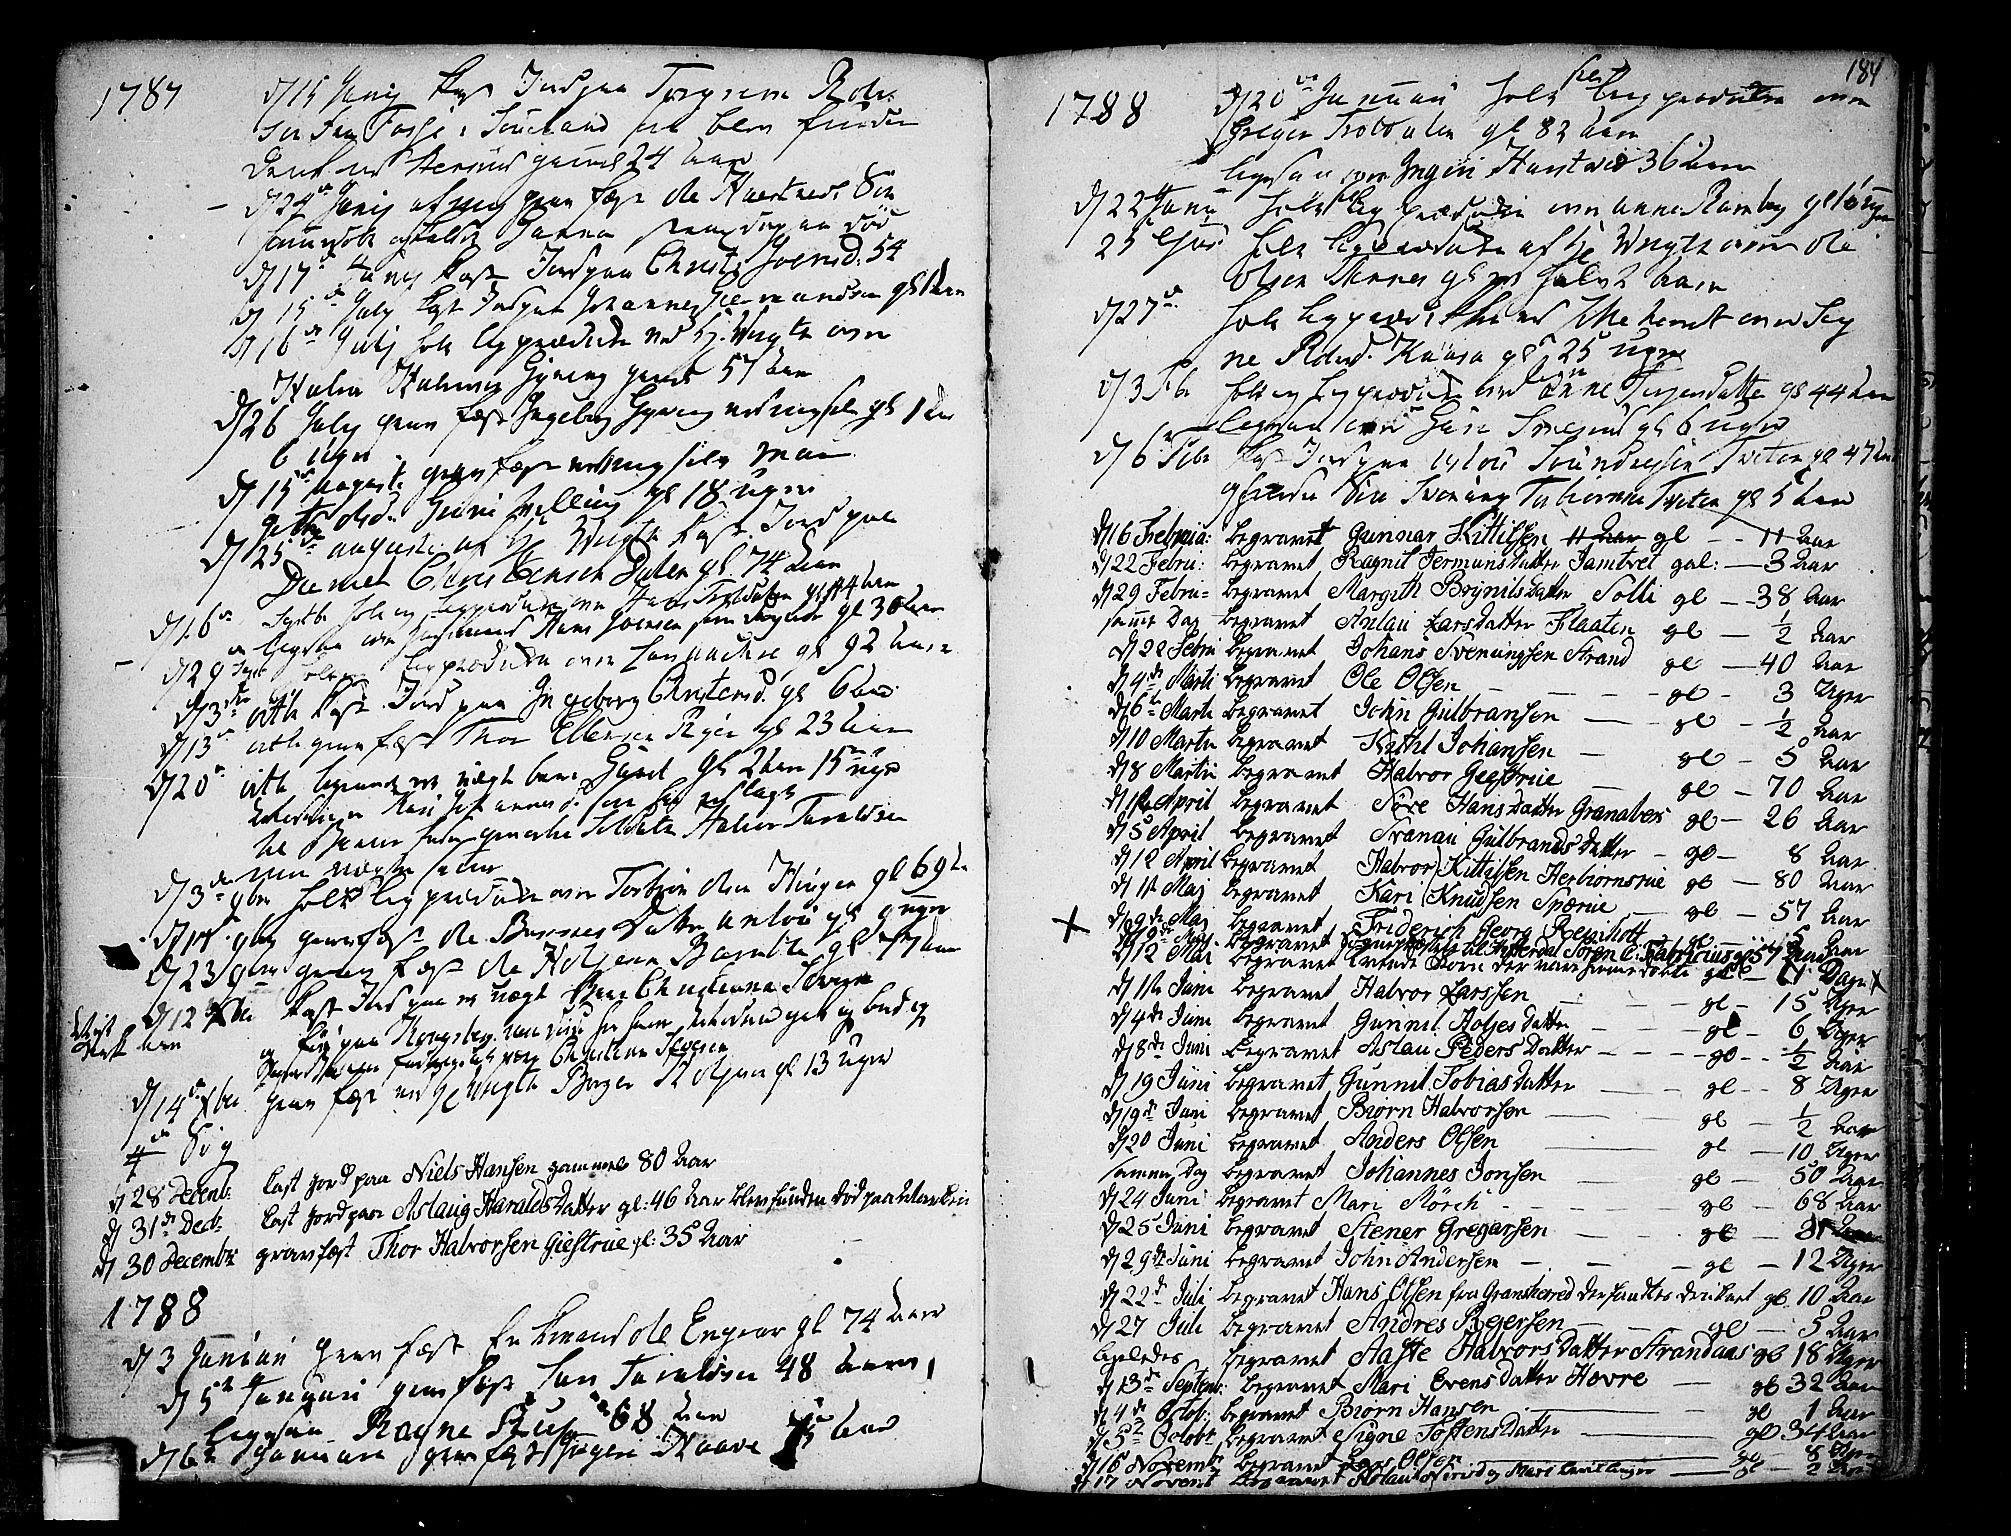 SAKO, Heddal kirkebøker, F/Fa/L0004: Ministerialbok nr. I 4, 1784-1814, s. 184